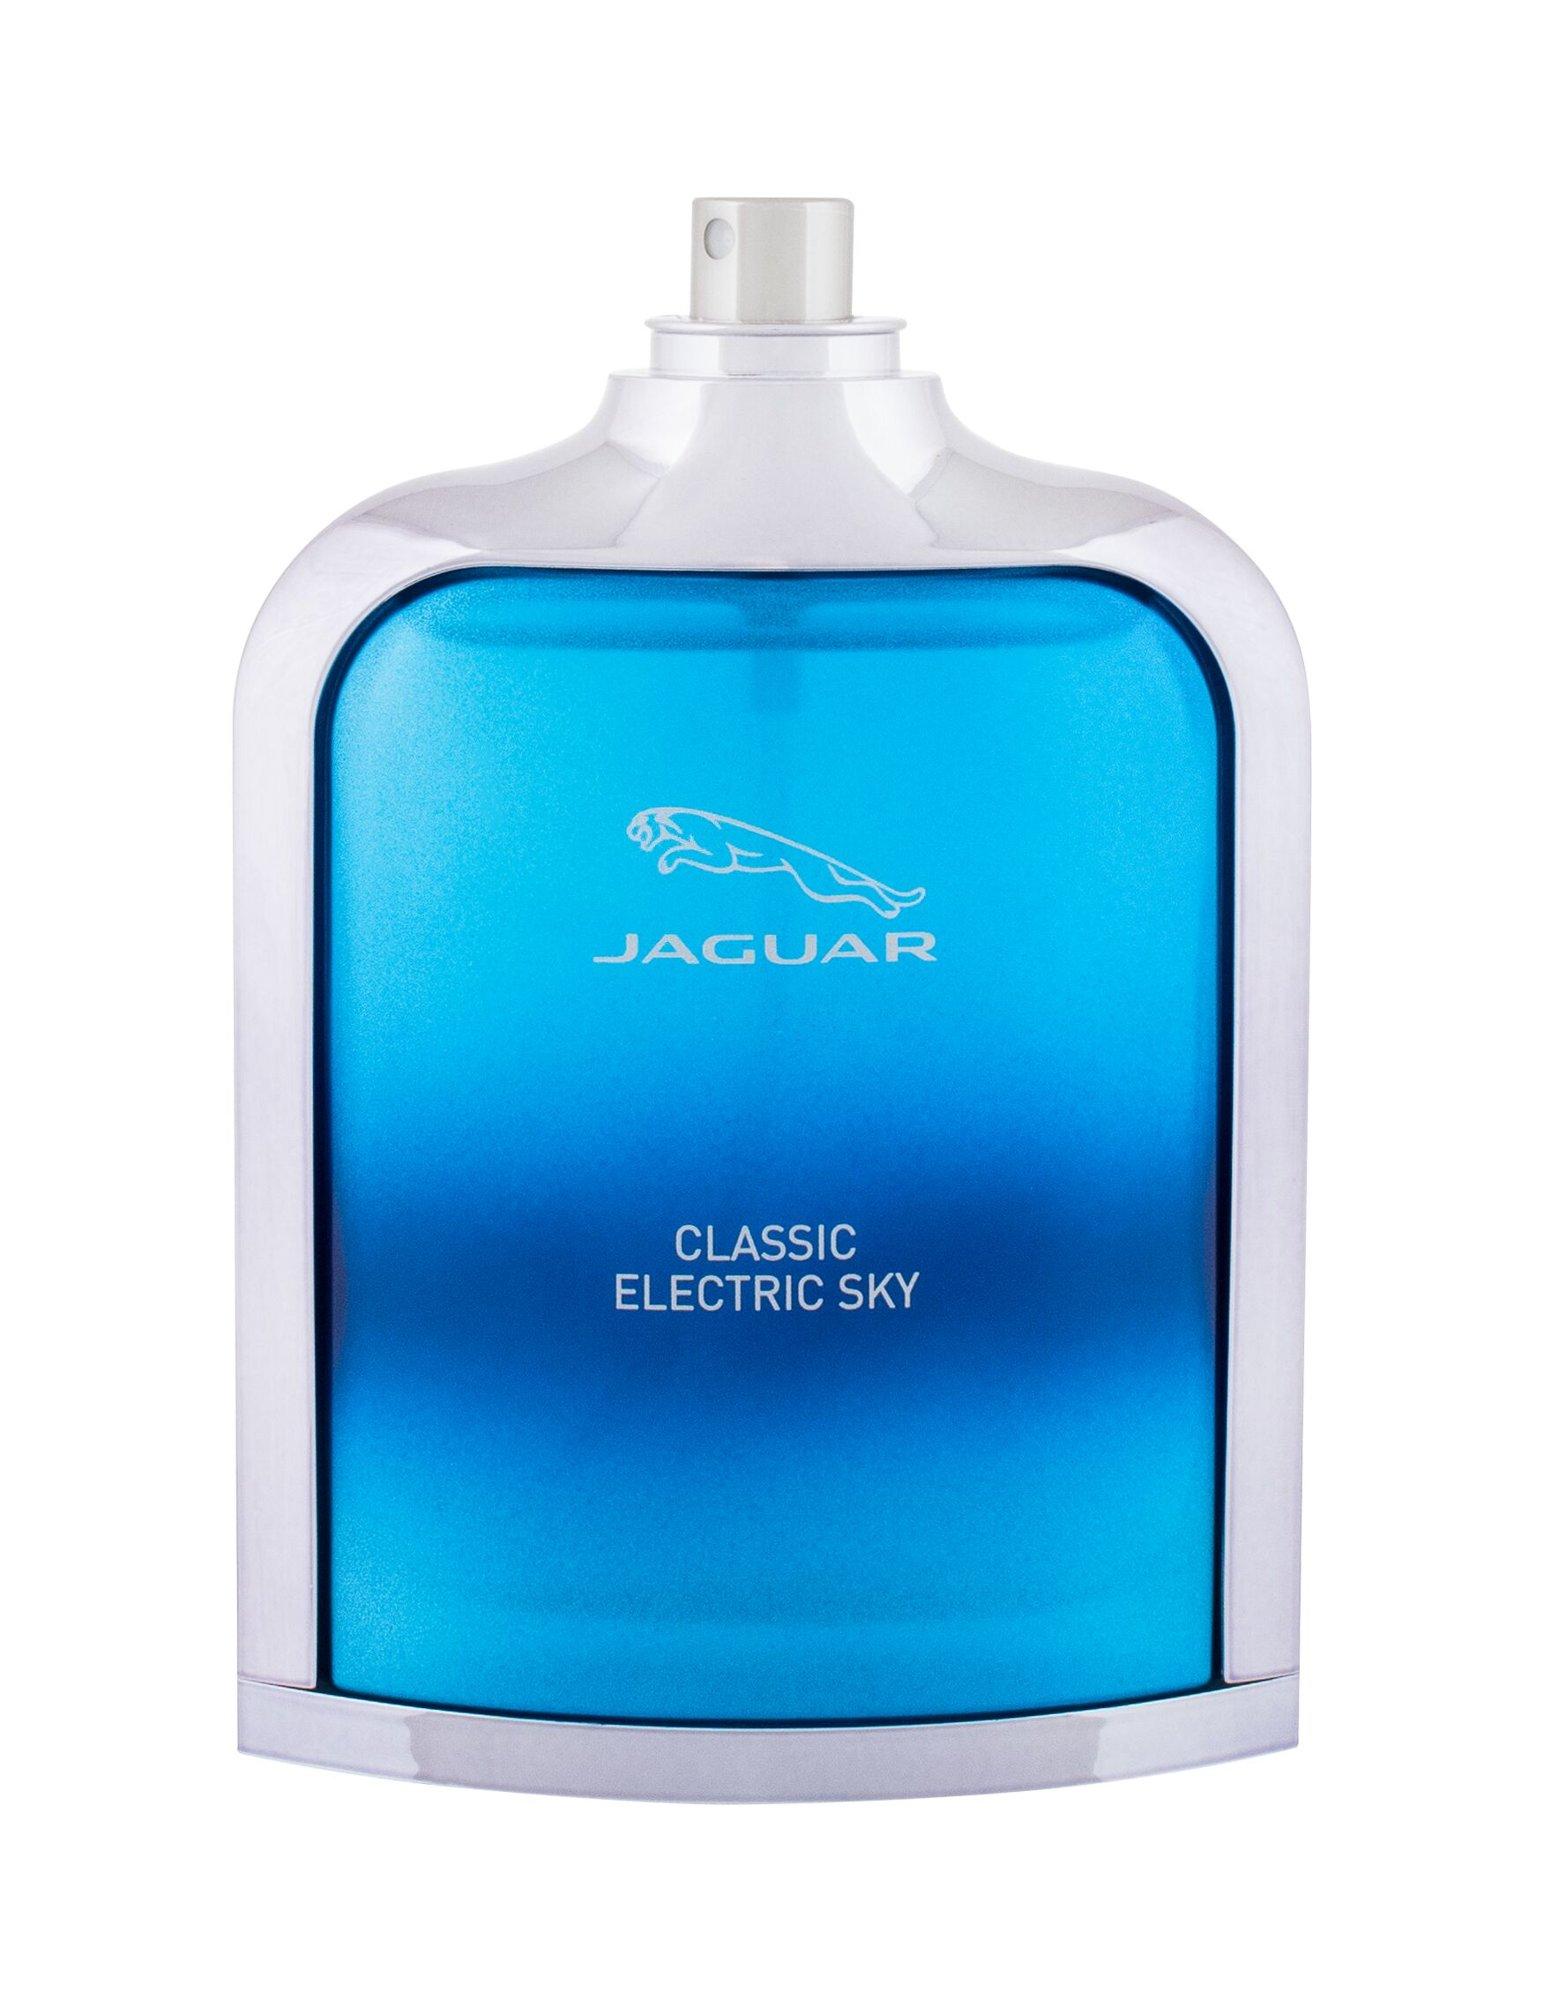 Jaguar Classic Electric Sky, Toaletná voda 100ml, Tester